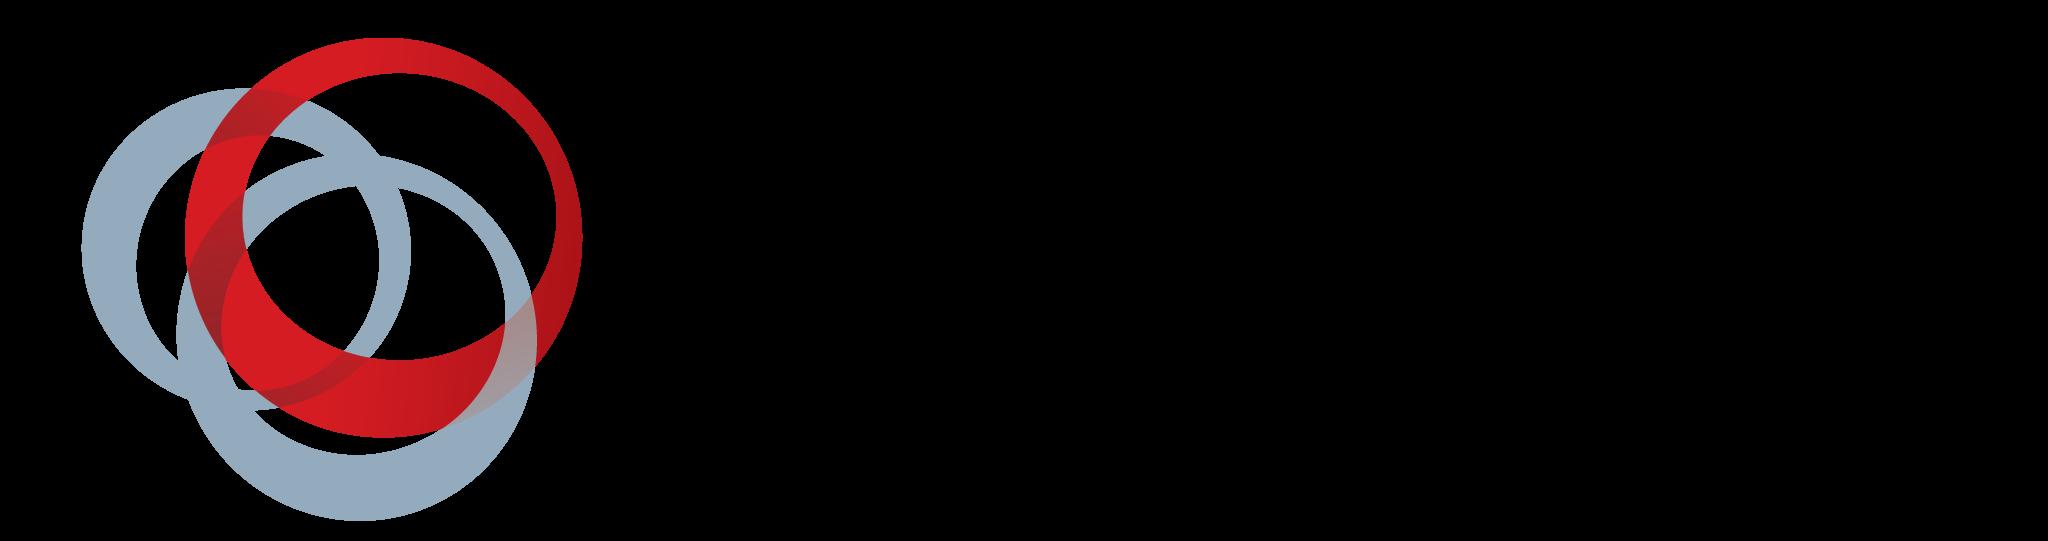 polycom-logo-R-h-cmyk-2000px.png